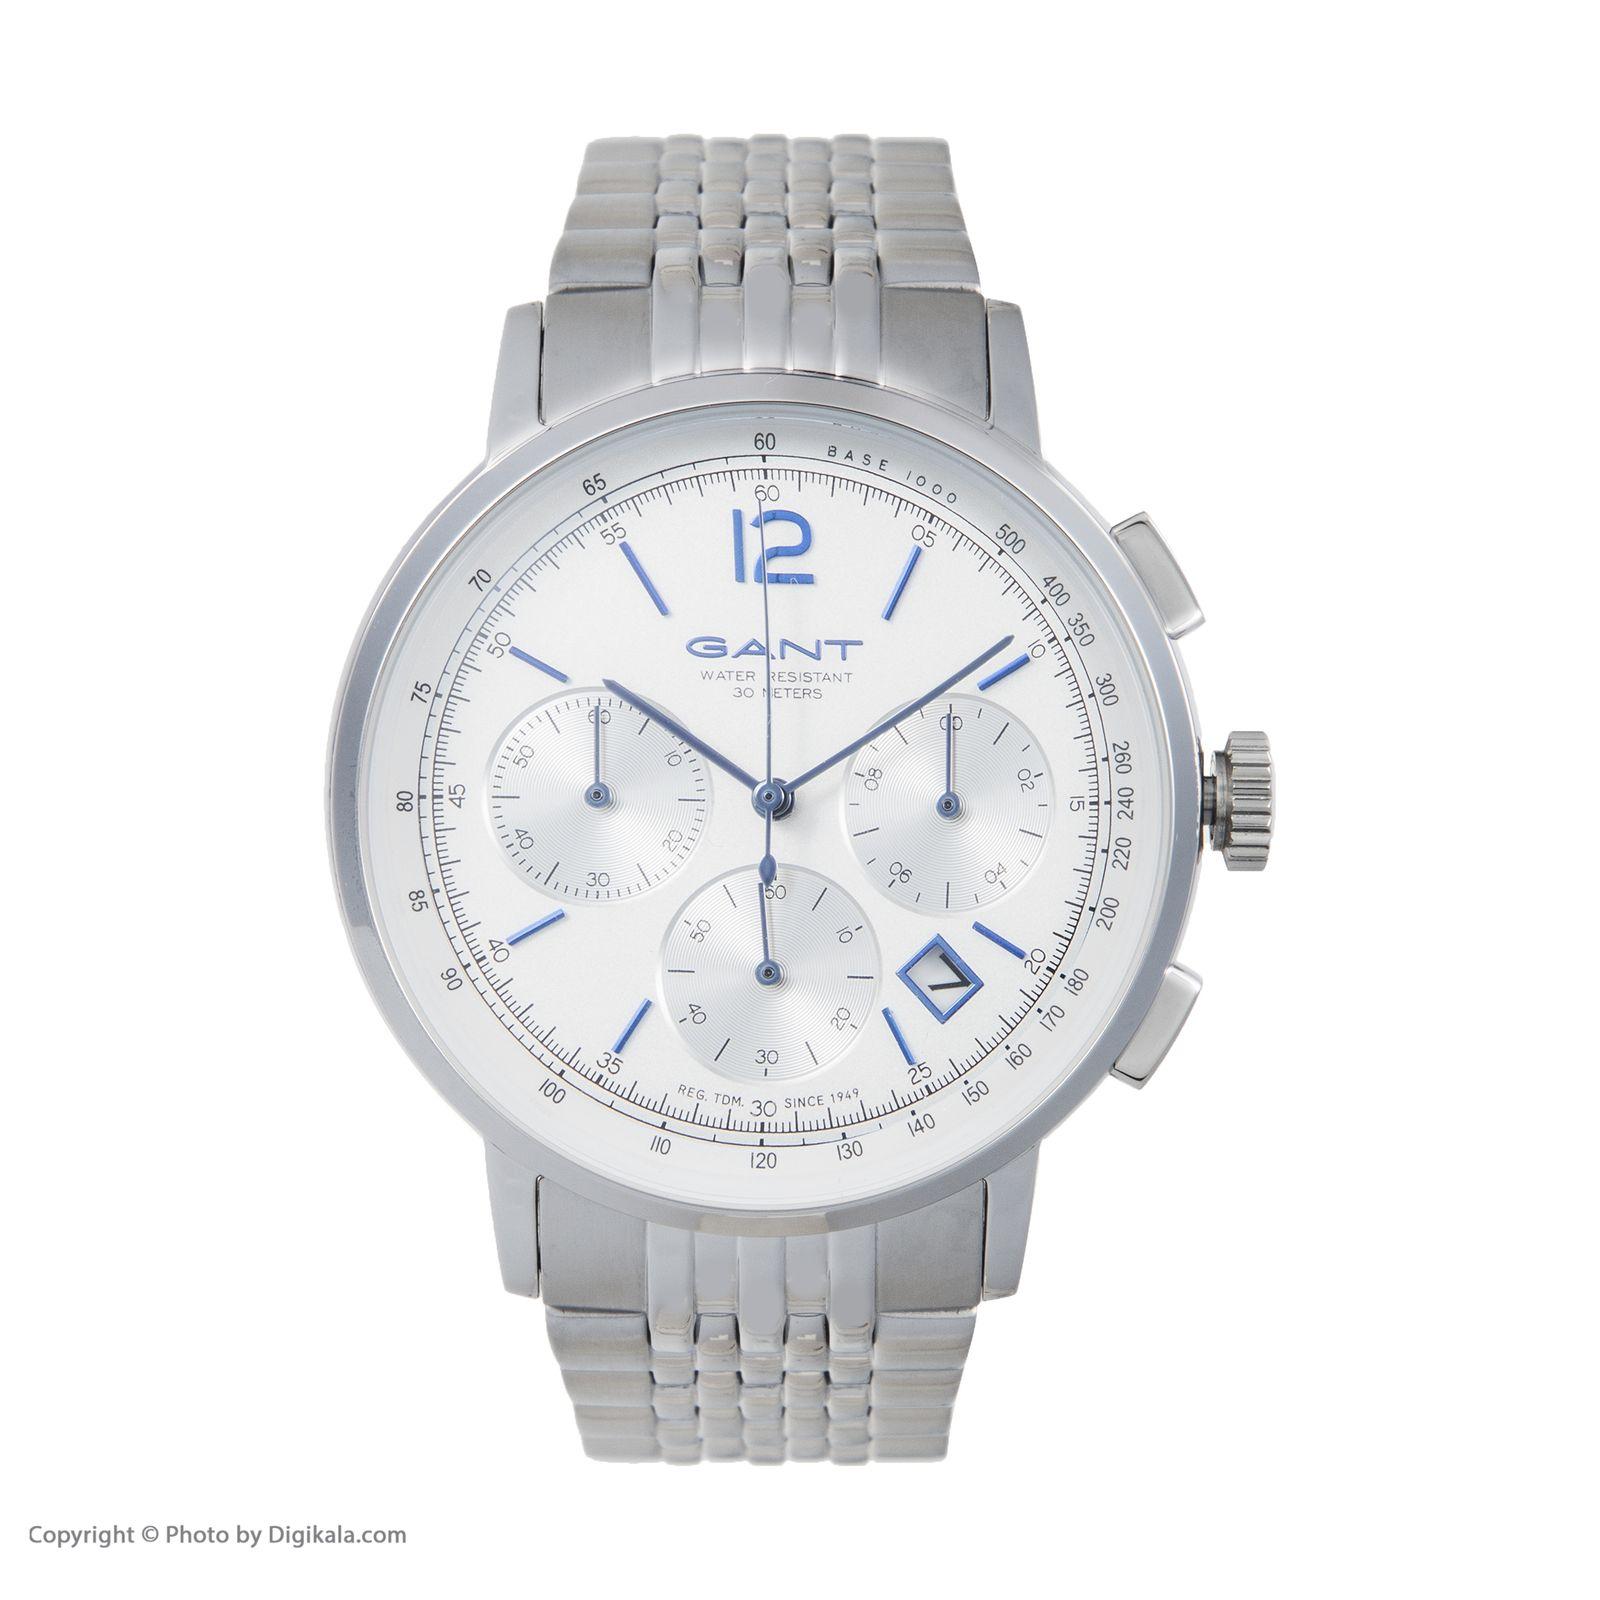 ساعت مچی عقربه ای مردانه گنت مدل GWW079003 -  - 3